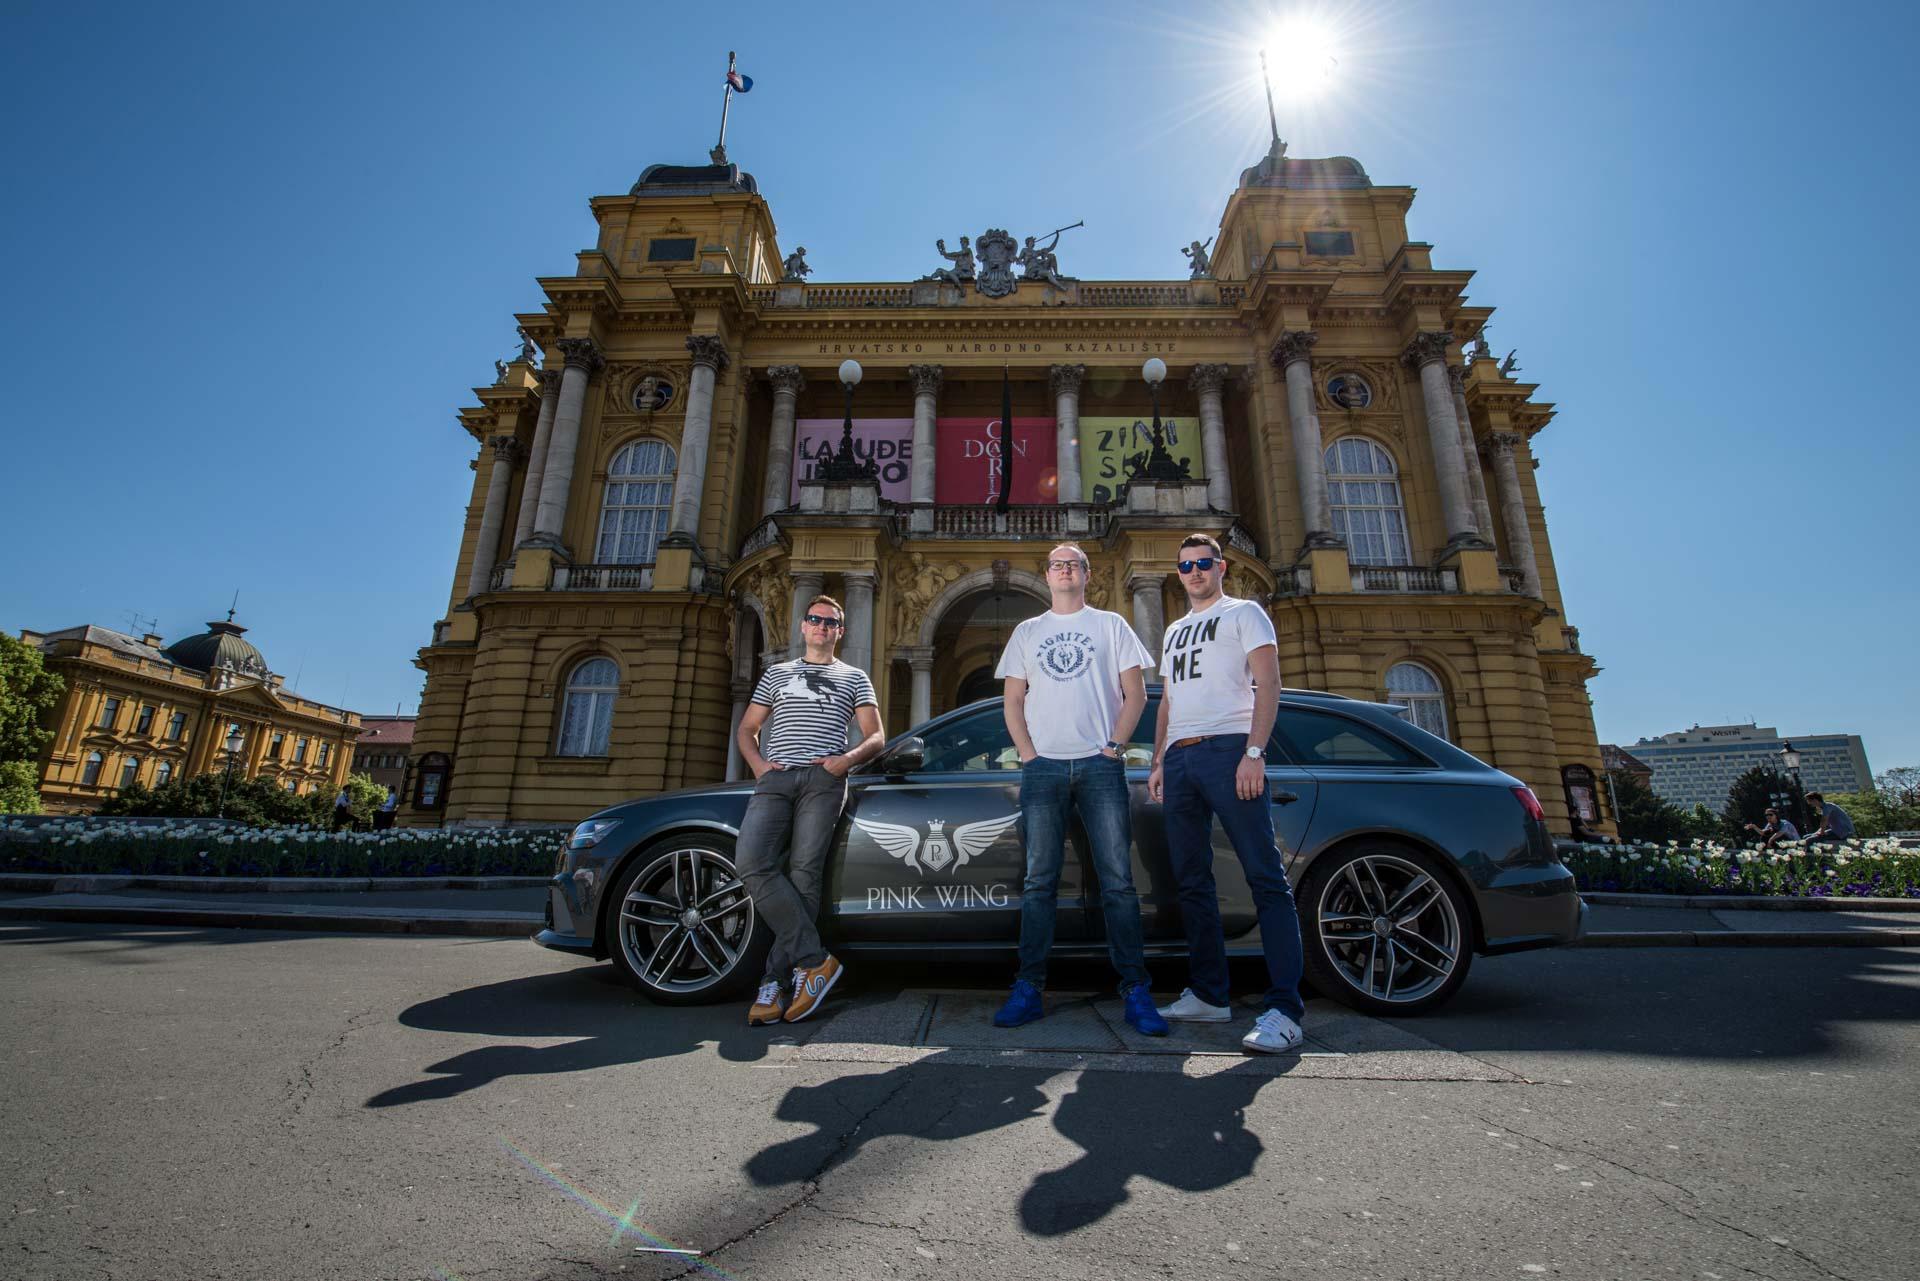 PINK WING: Kolona luksuznih automobila vrijednih 20 milijuna eura